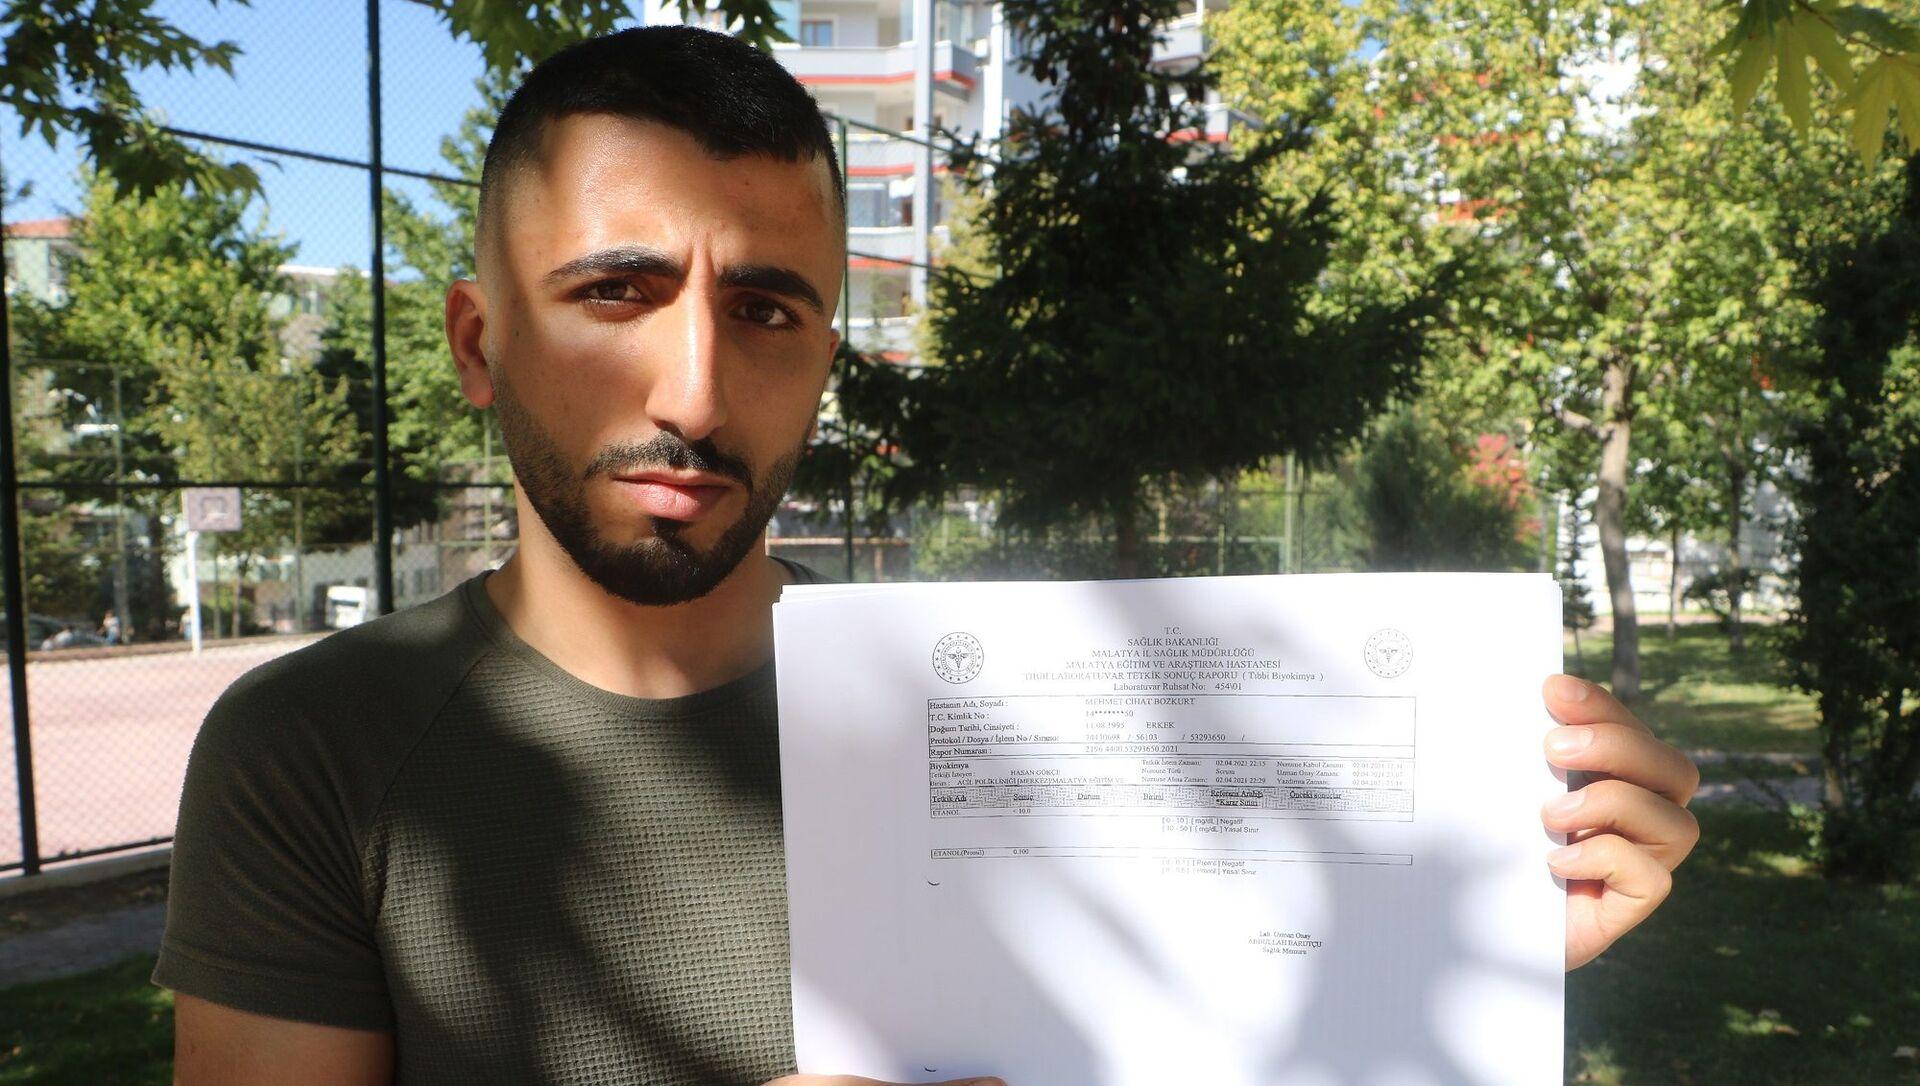 Malatya'da özel bir ilaç firmasında dağıtım görevlisi olarak çalışan 25 yaşındaki Mehmet Cihat Bozkurt - Sputnik Türkiye, 1920, 02.08.2021